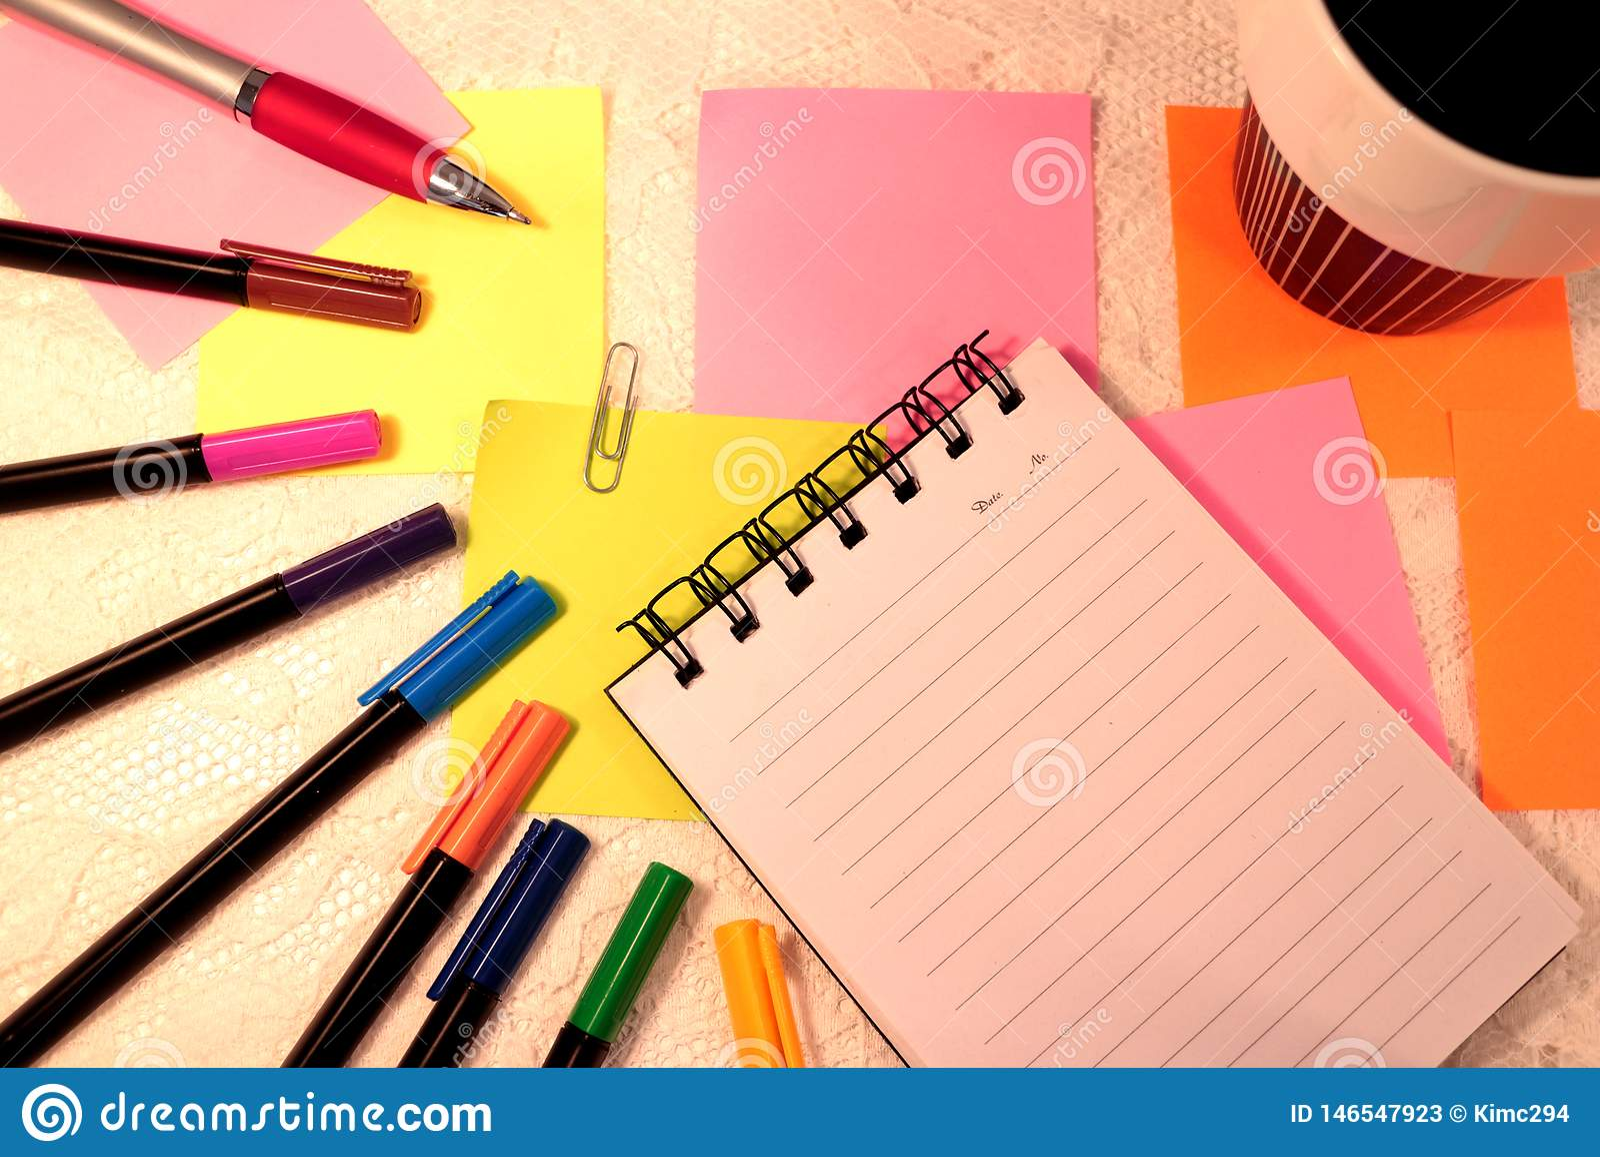 Caderno, penas de feltro em várias cores, notas pegajosas e uma xícara de café